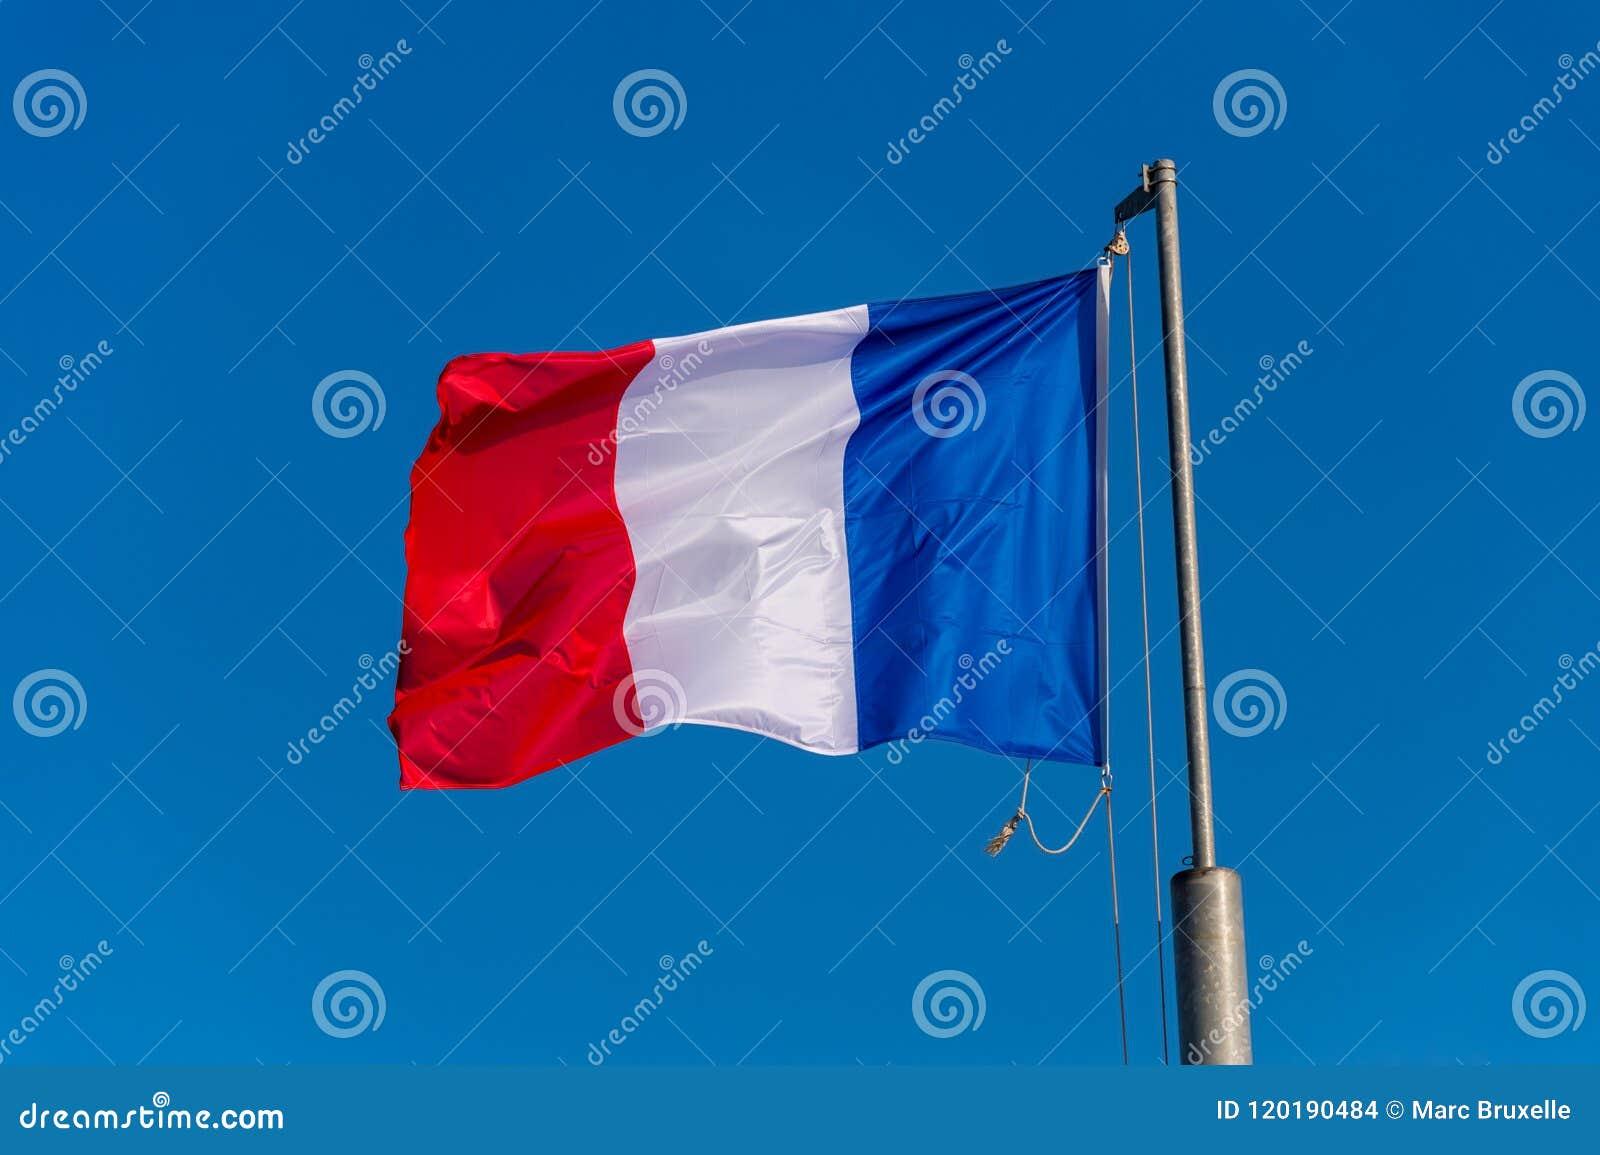 Drapeau français ondulant contre le ciel bleu